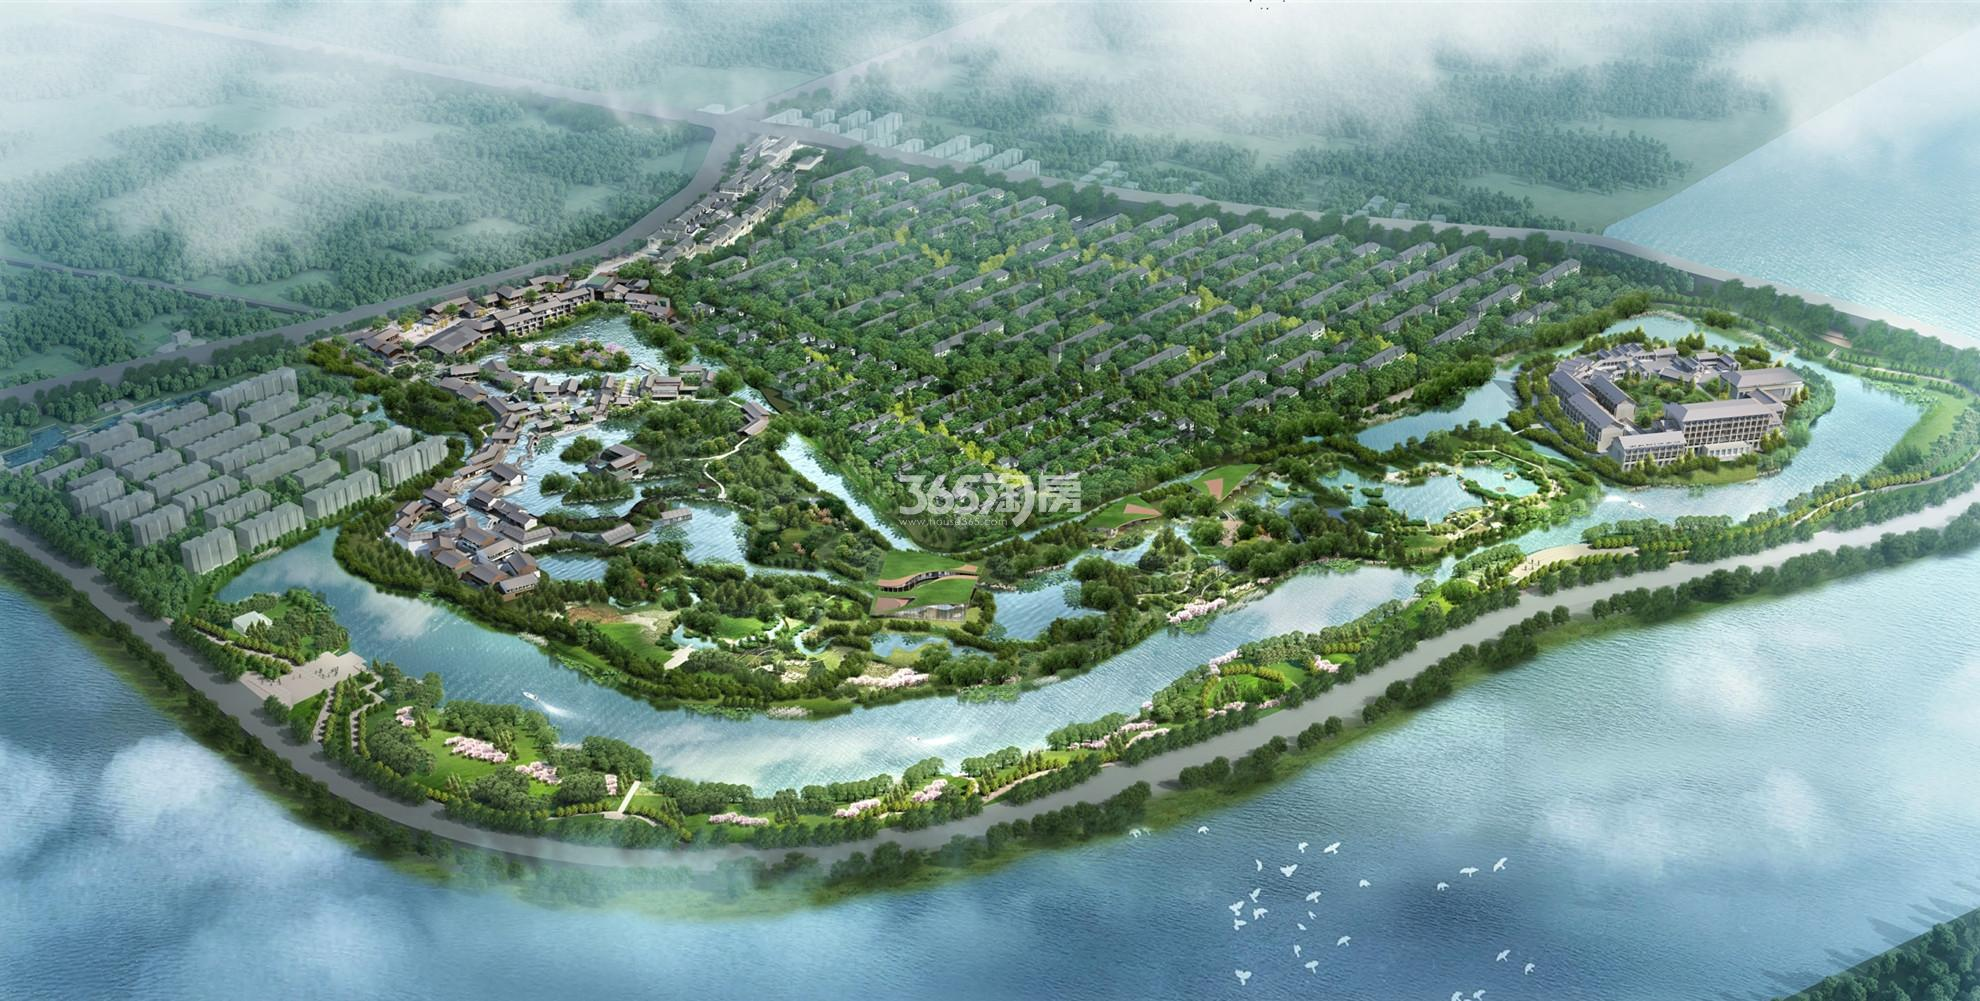 南京高淳雅园鸟瞰图